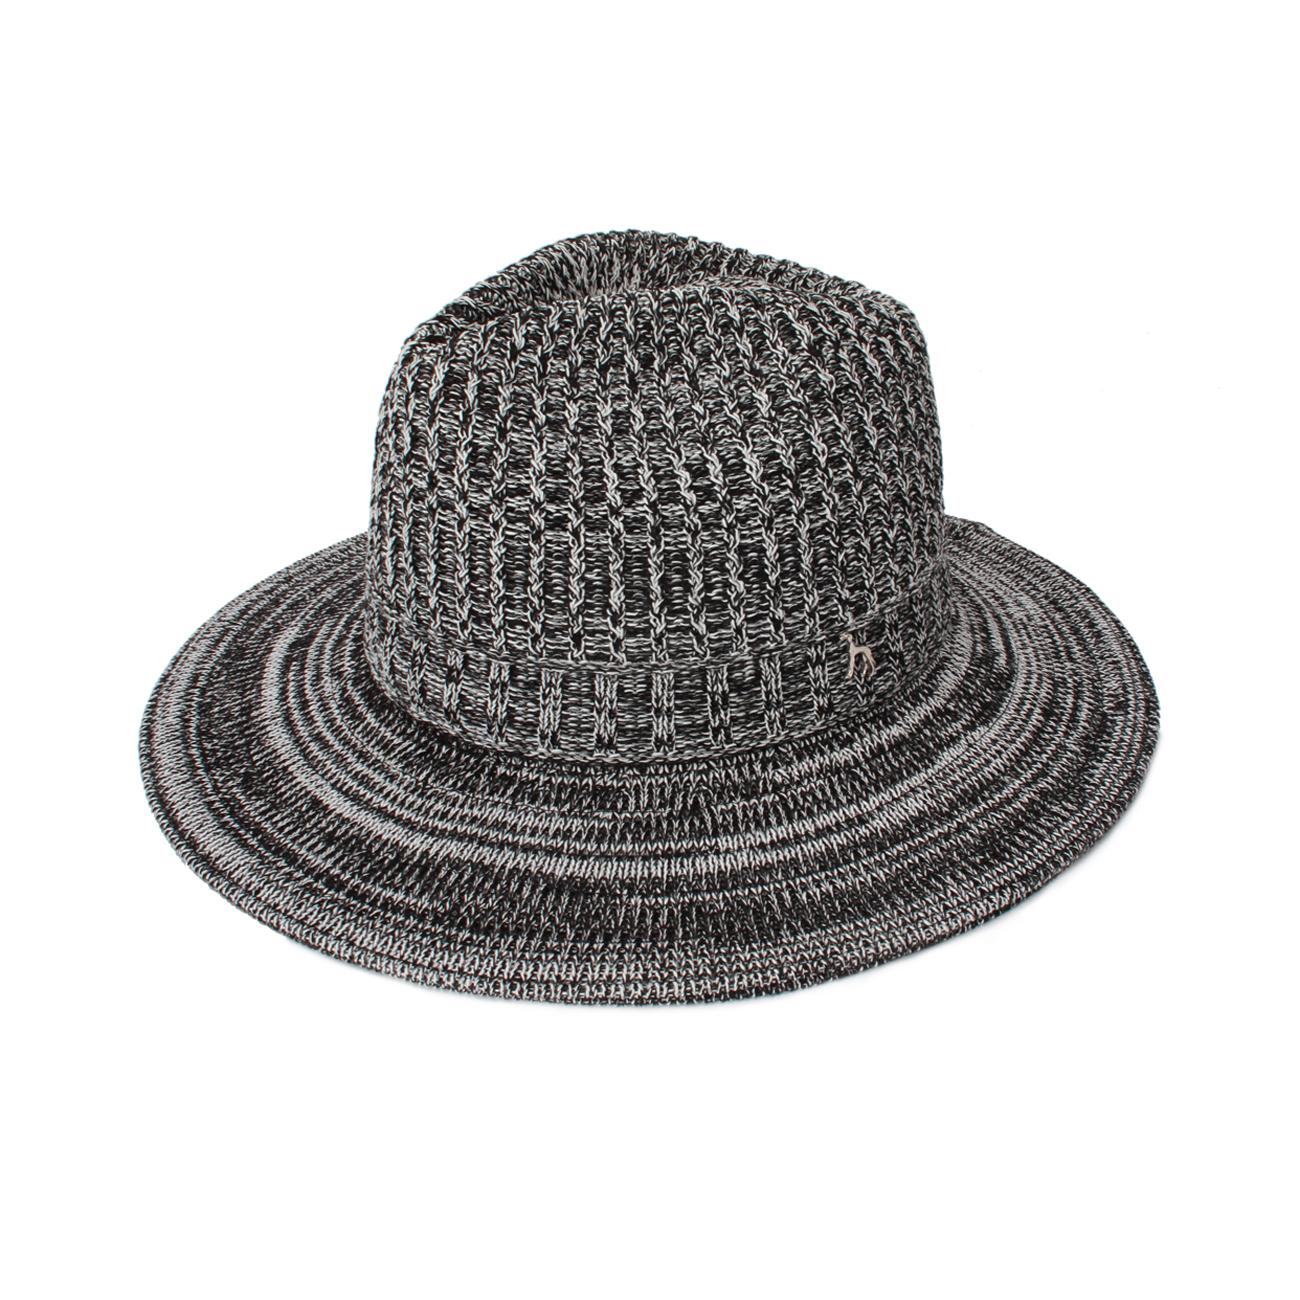 【adabat (アダバット)】ミックスカラークール中折れハットメンズ 帽子|ハット ブラック